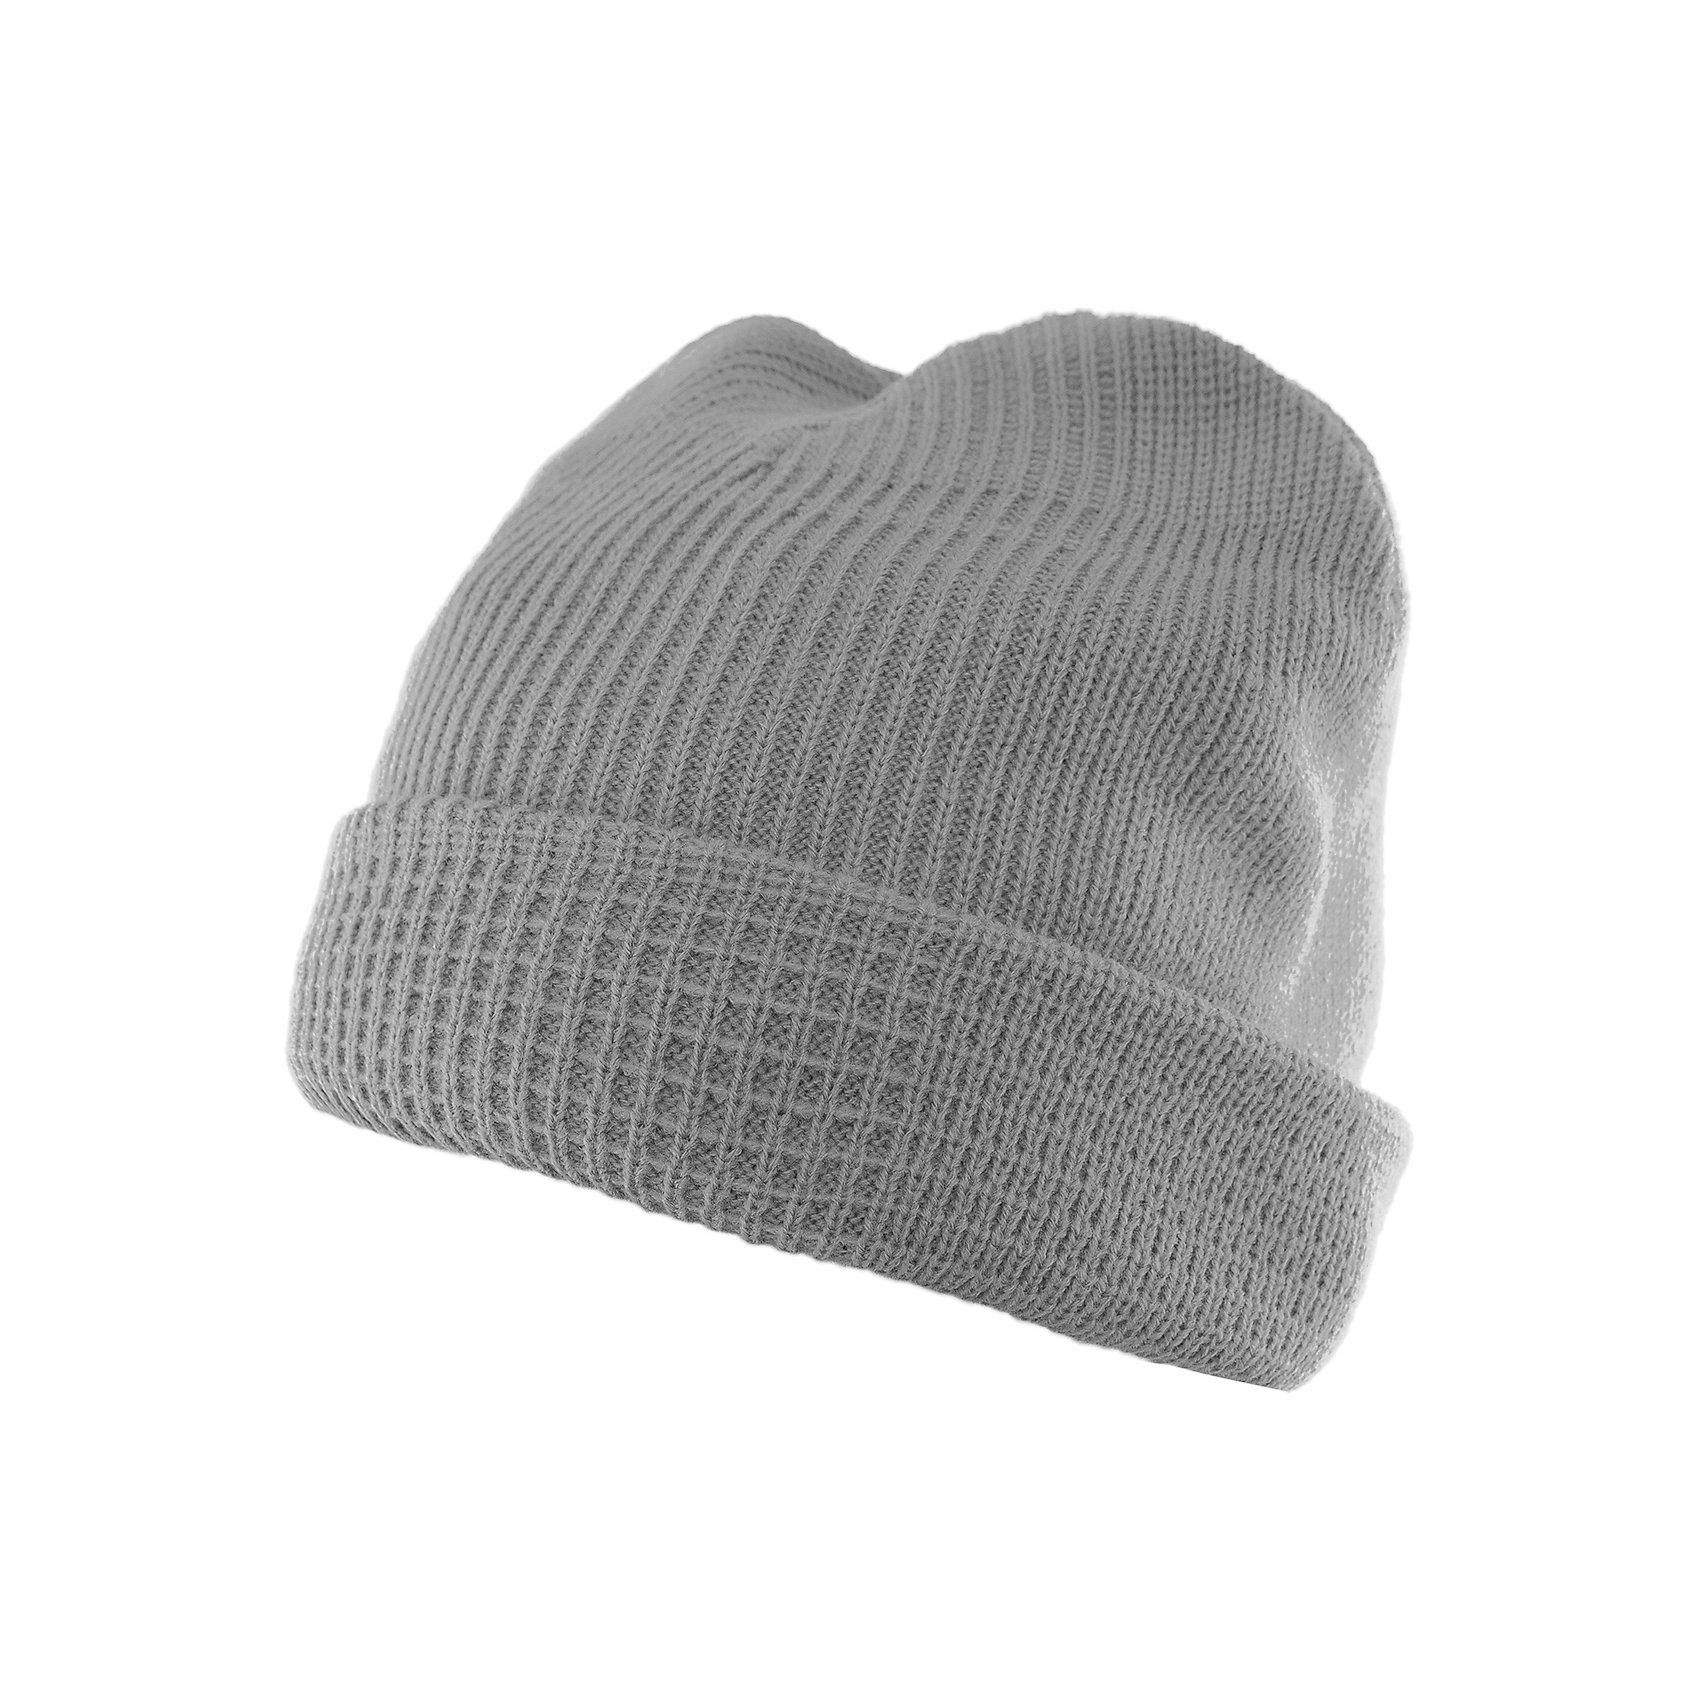 Шапка для мальчика SELAГоловные уборы<br>Симпатичная удобная шапка - незаменимая вещь в прохладное время года. Эта модель отлично сидит на ребенке, она сделана из плотного материала, позволяет гулять с комфортом на свежем воздухе зимой. Качественная пряжа не вызывает аллергии и обеспечивает ребенку комфорт. Модель будет уместна в различных сочетаниях.<br>Одежда от бренда Sela (Села) - это качество по приемлемым ценам. Многие российские родители уже оценили преимущества продукции этой компании и всё чаще приобретают одежду и аксессуары Sela.<br><br>Дополнительная информация:<br><br>материал: 100% акрил; подкладка:100% ПЭ;<br>вязаная резинка.<br><br>Шапку для мальчика от бренда Sela можно купить в нашем интернет-магазине.<br><br>Ширина мм: 89<br>Глубина мм: 117<br>Высота мм: 44<br>Вес г: 155<br>Цвет: серый<br>Возраст от месяцев: 84<br>Возраст до месяцев: 120<br>Пол: Мужской<br>Возраст: Детский<br>Размер: 54-56<br>SKU: 4919588